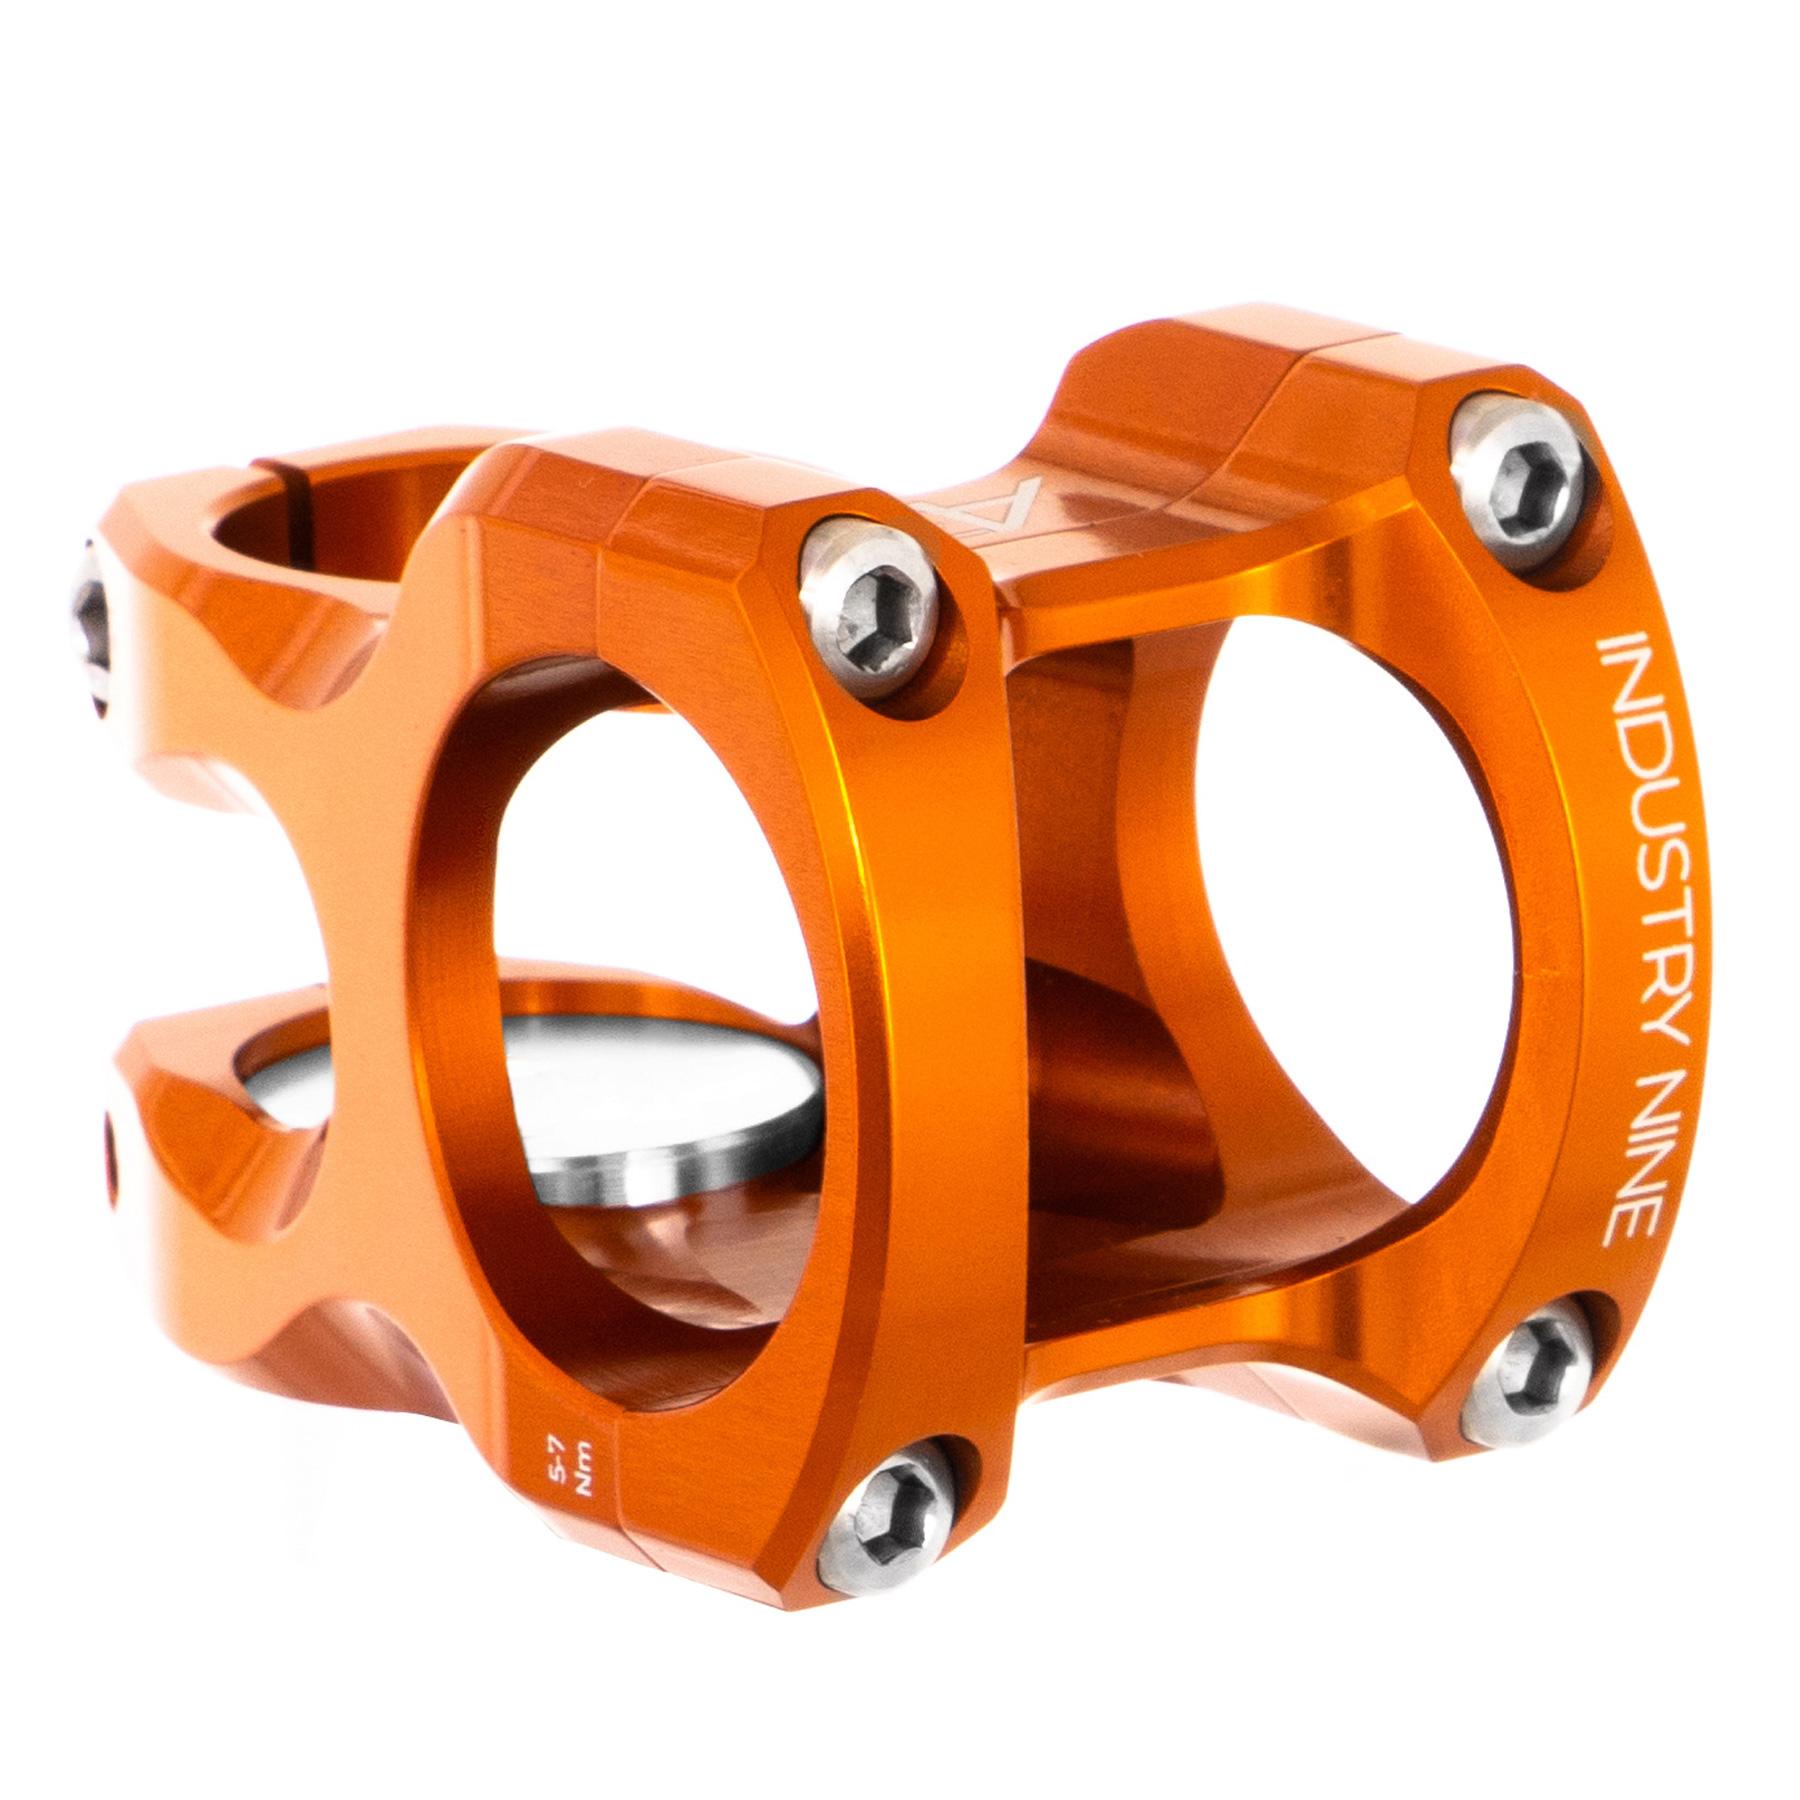 Industry Nine A35 Stem, 50mm Orange 35.0